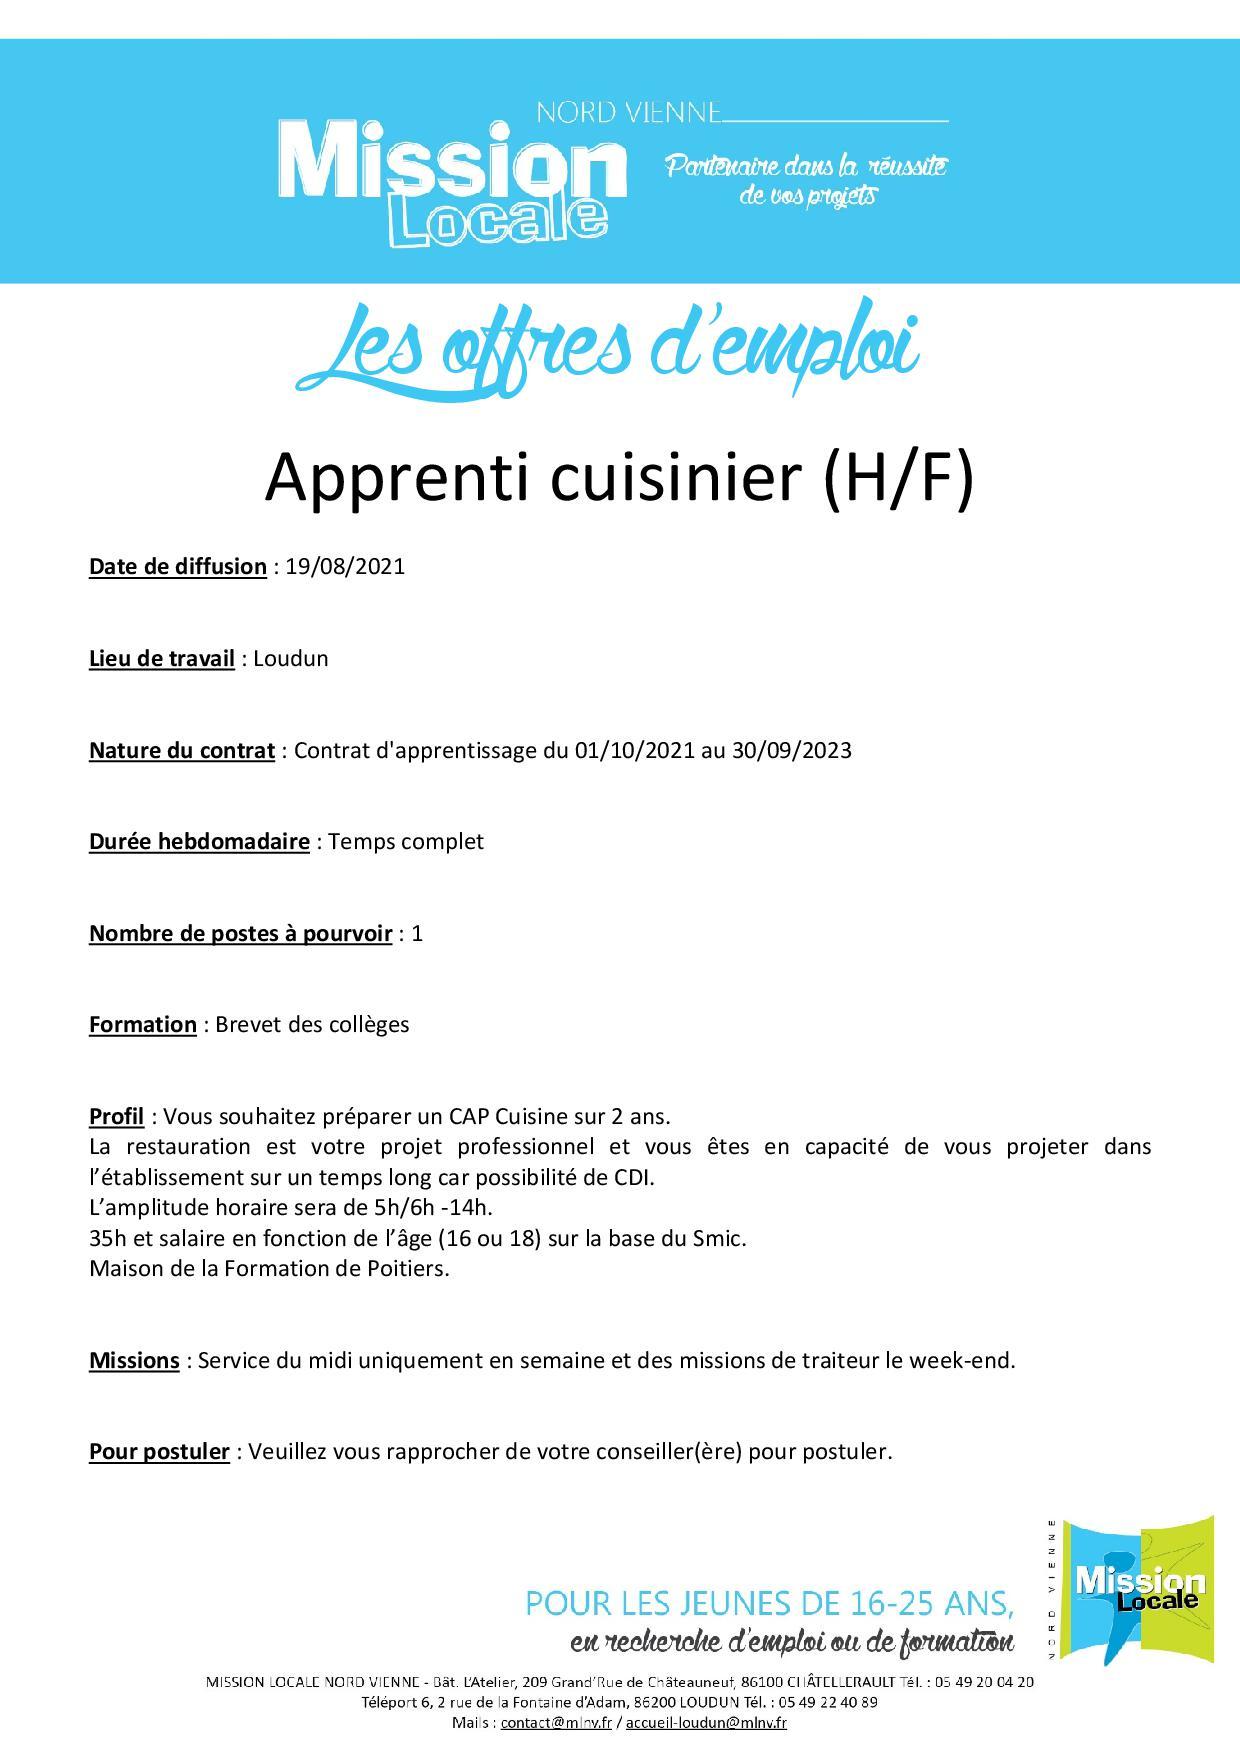 Apprenti cuisinier (H/F)